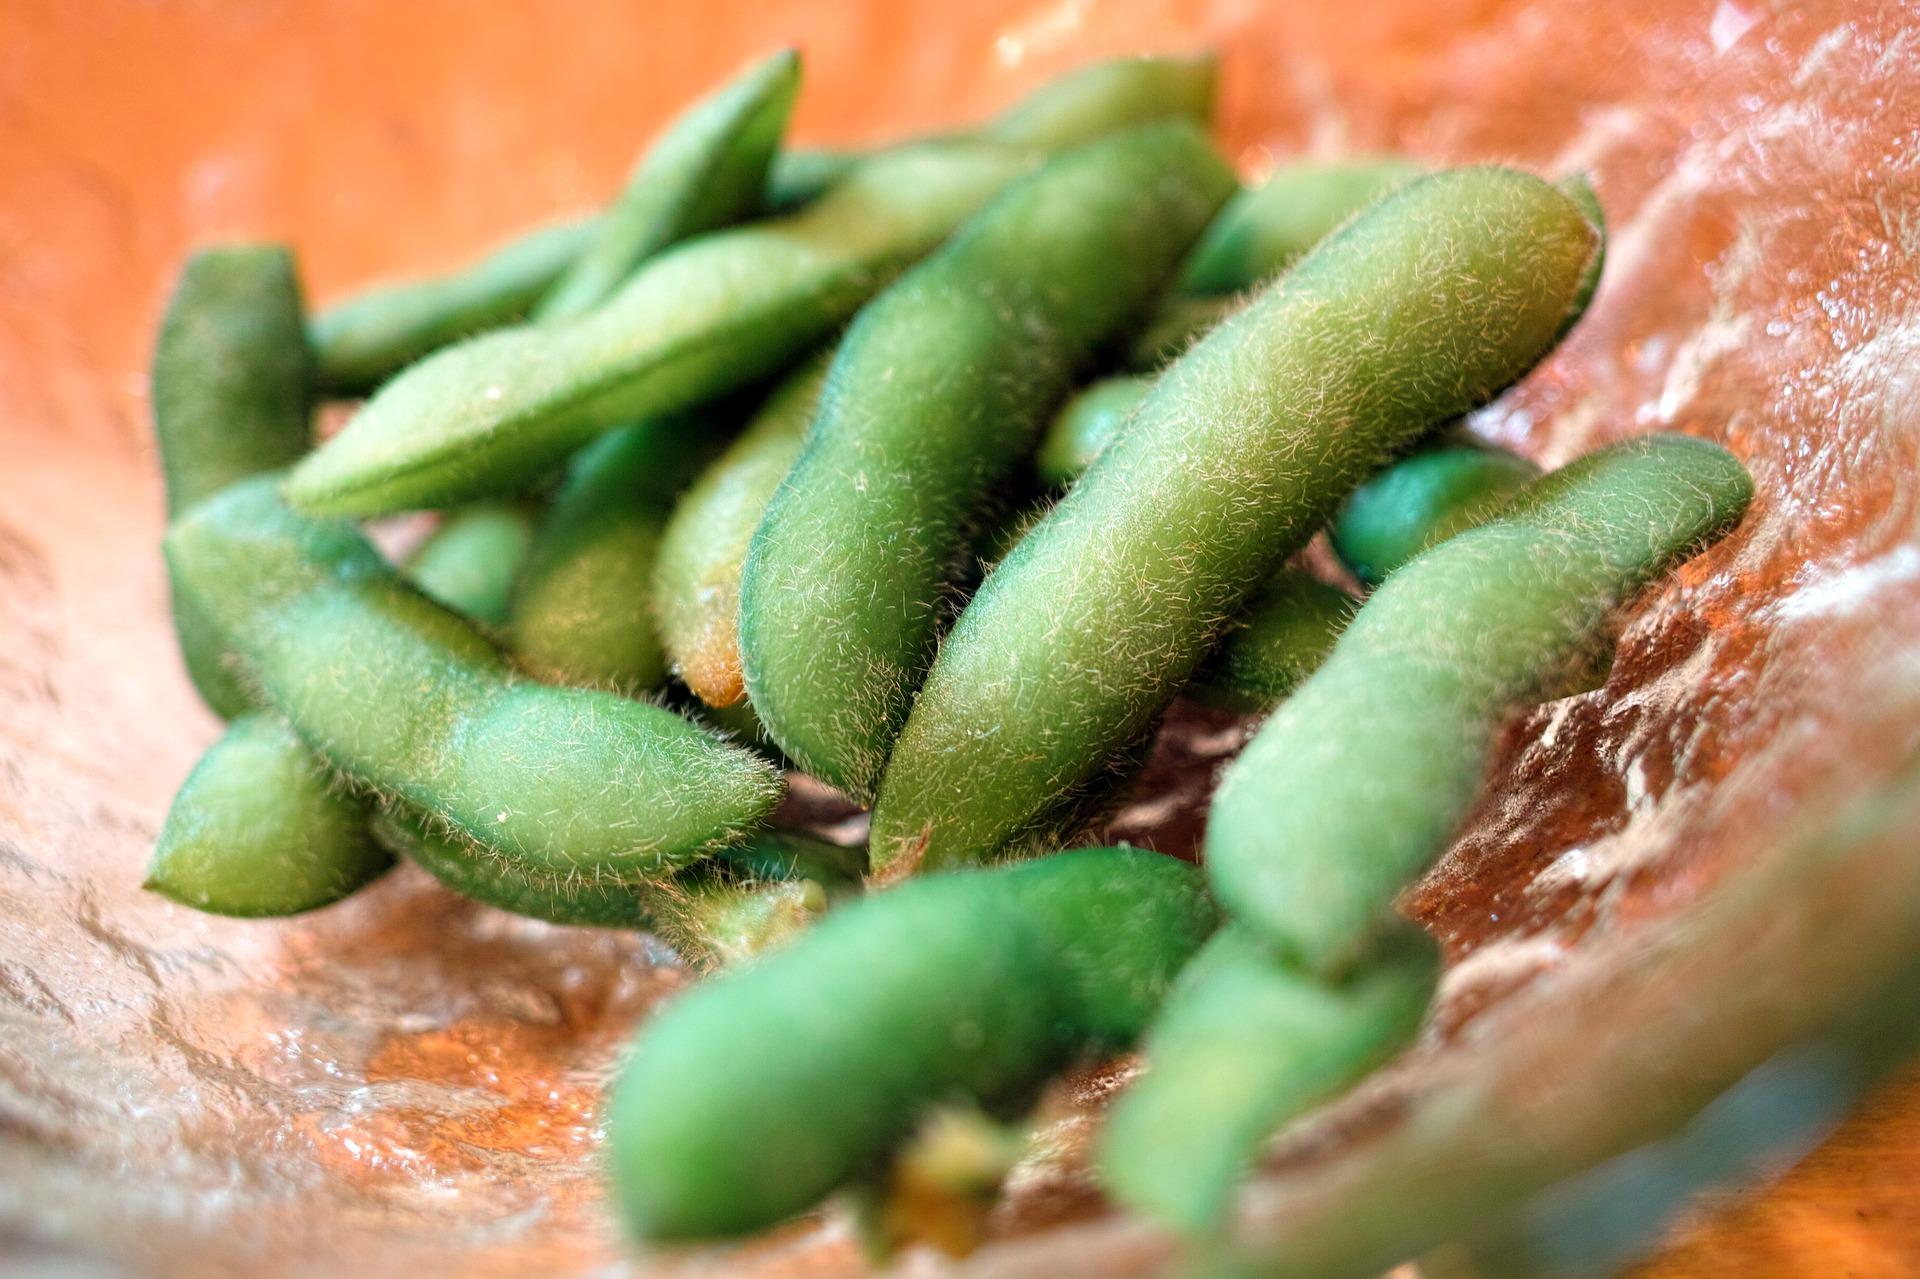 「水煮毛豆有什麼訣竅?」教你這幾招,保證讓毛豆顏色更翠綠漂亮!